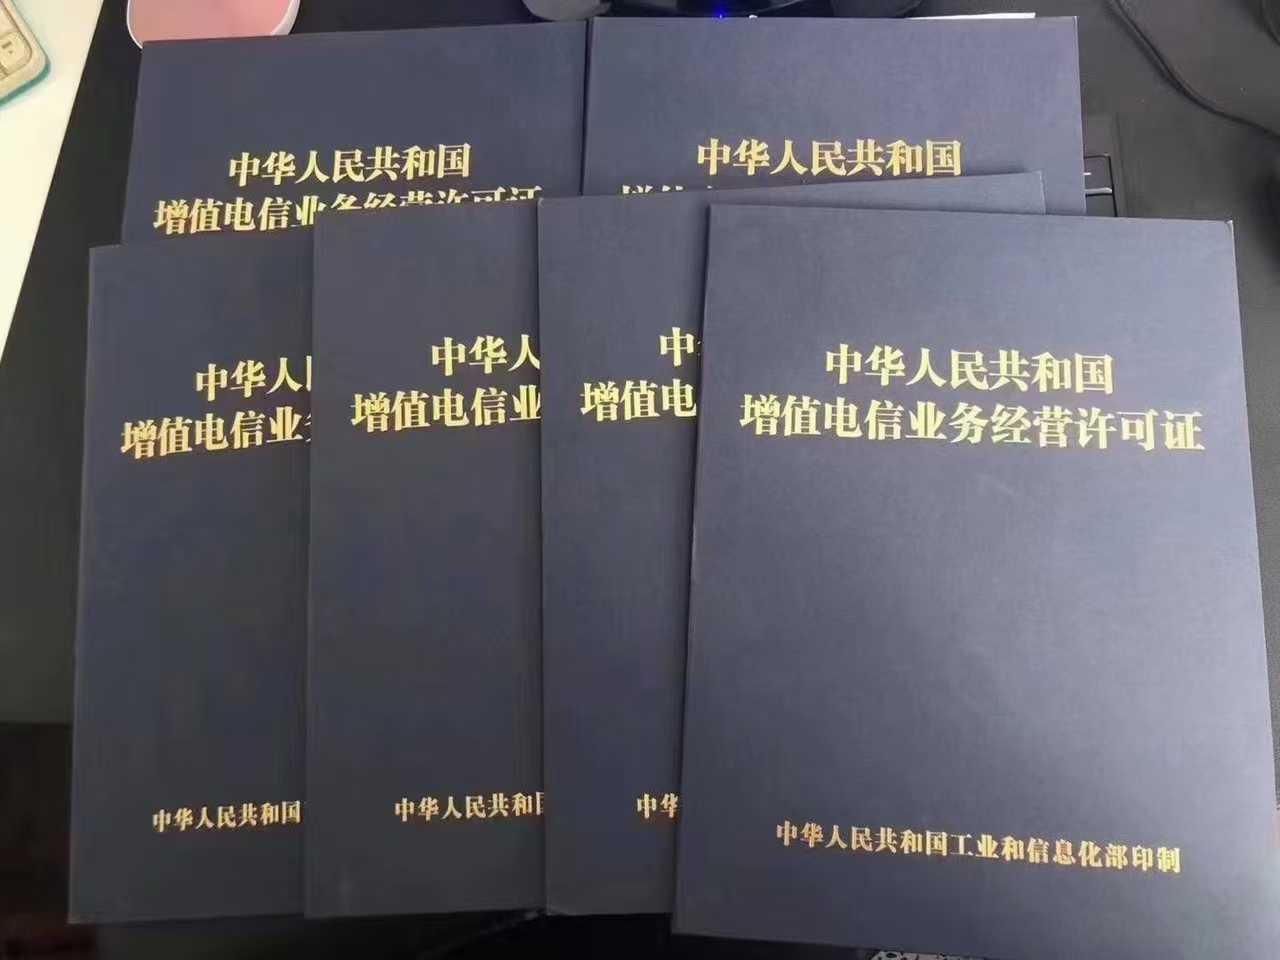 鹤山区icp备案许可证专业咨询